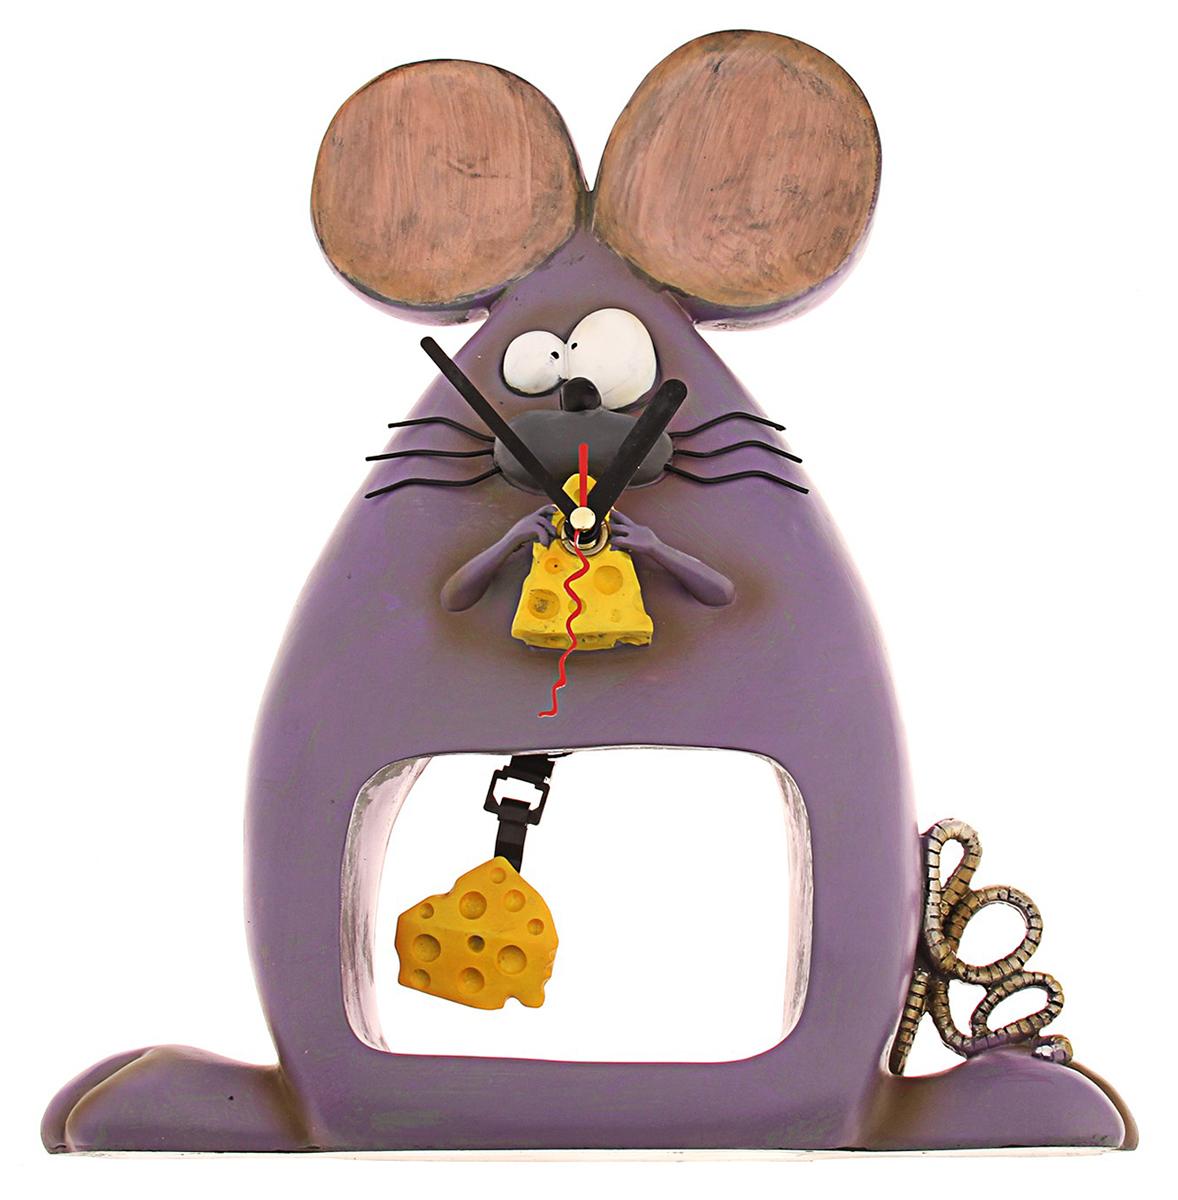 Часы настольные Мышка с сыром, 27 х 31 см. 760880760880Каждому хозяину периодически приходит мысль обновить свою квартиру, сделать ремонт, перестановку или кардинально поменять внешний вид каждой комнаты. Часы настольные Мышка с сыром — привлекательная деталь, которая поможет воплотить вашу интерьерную идею, создать неповторимую атмосферу в вашем доме. Окружите себя приятными мелочами, пусть они радуют глаз и дарят гармонию.